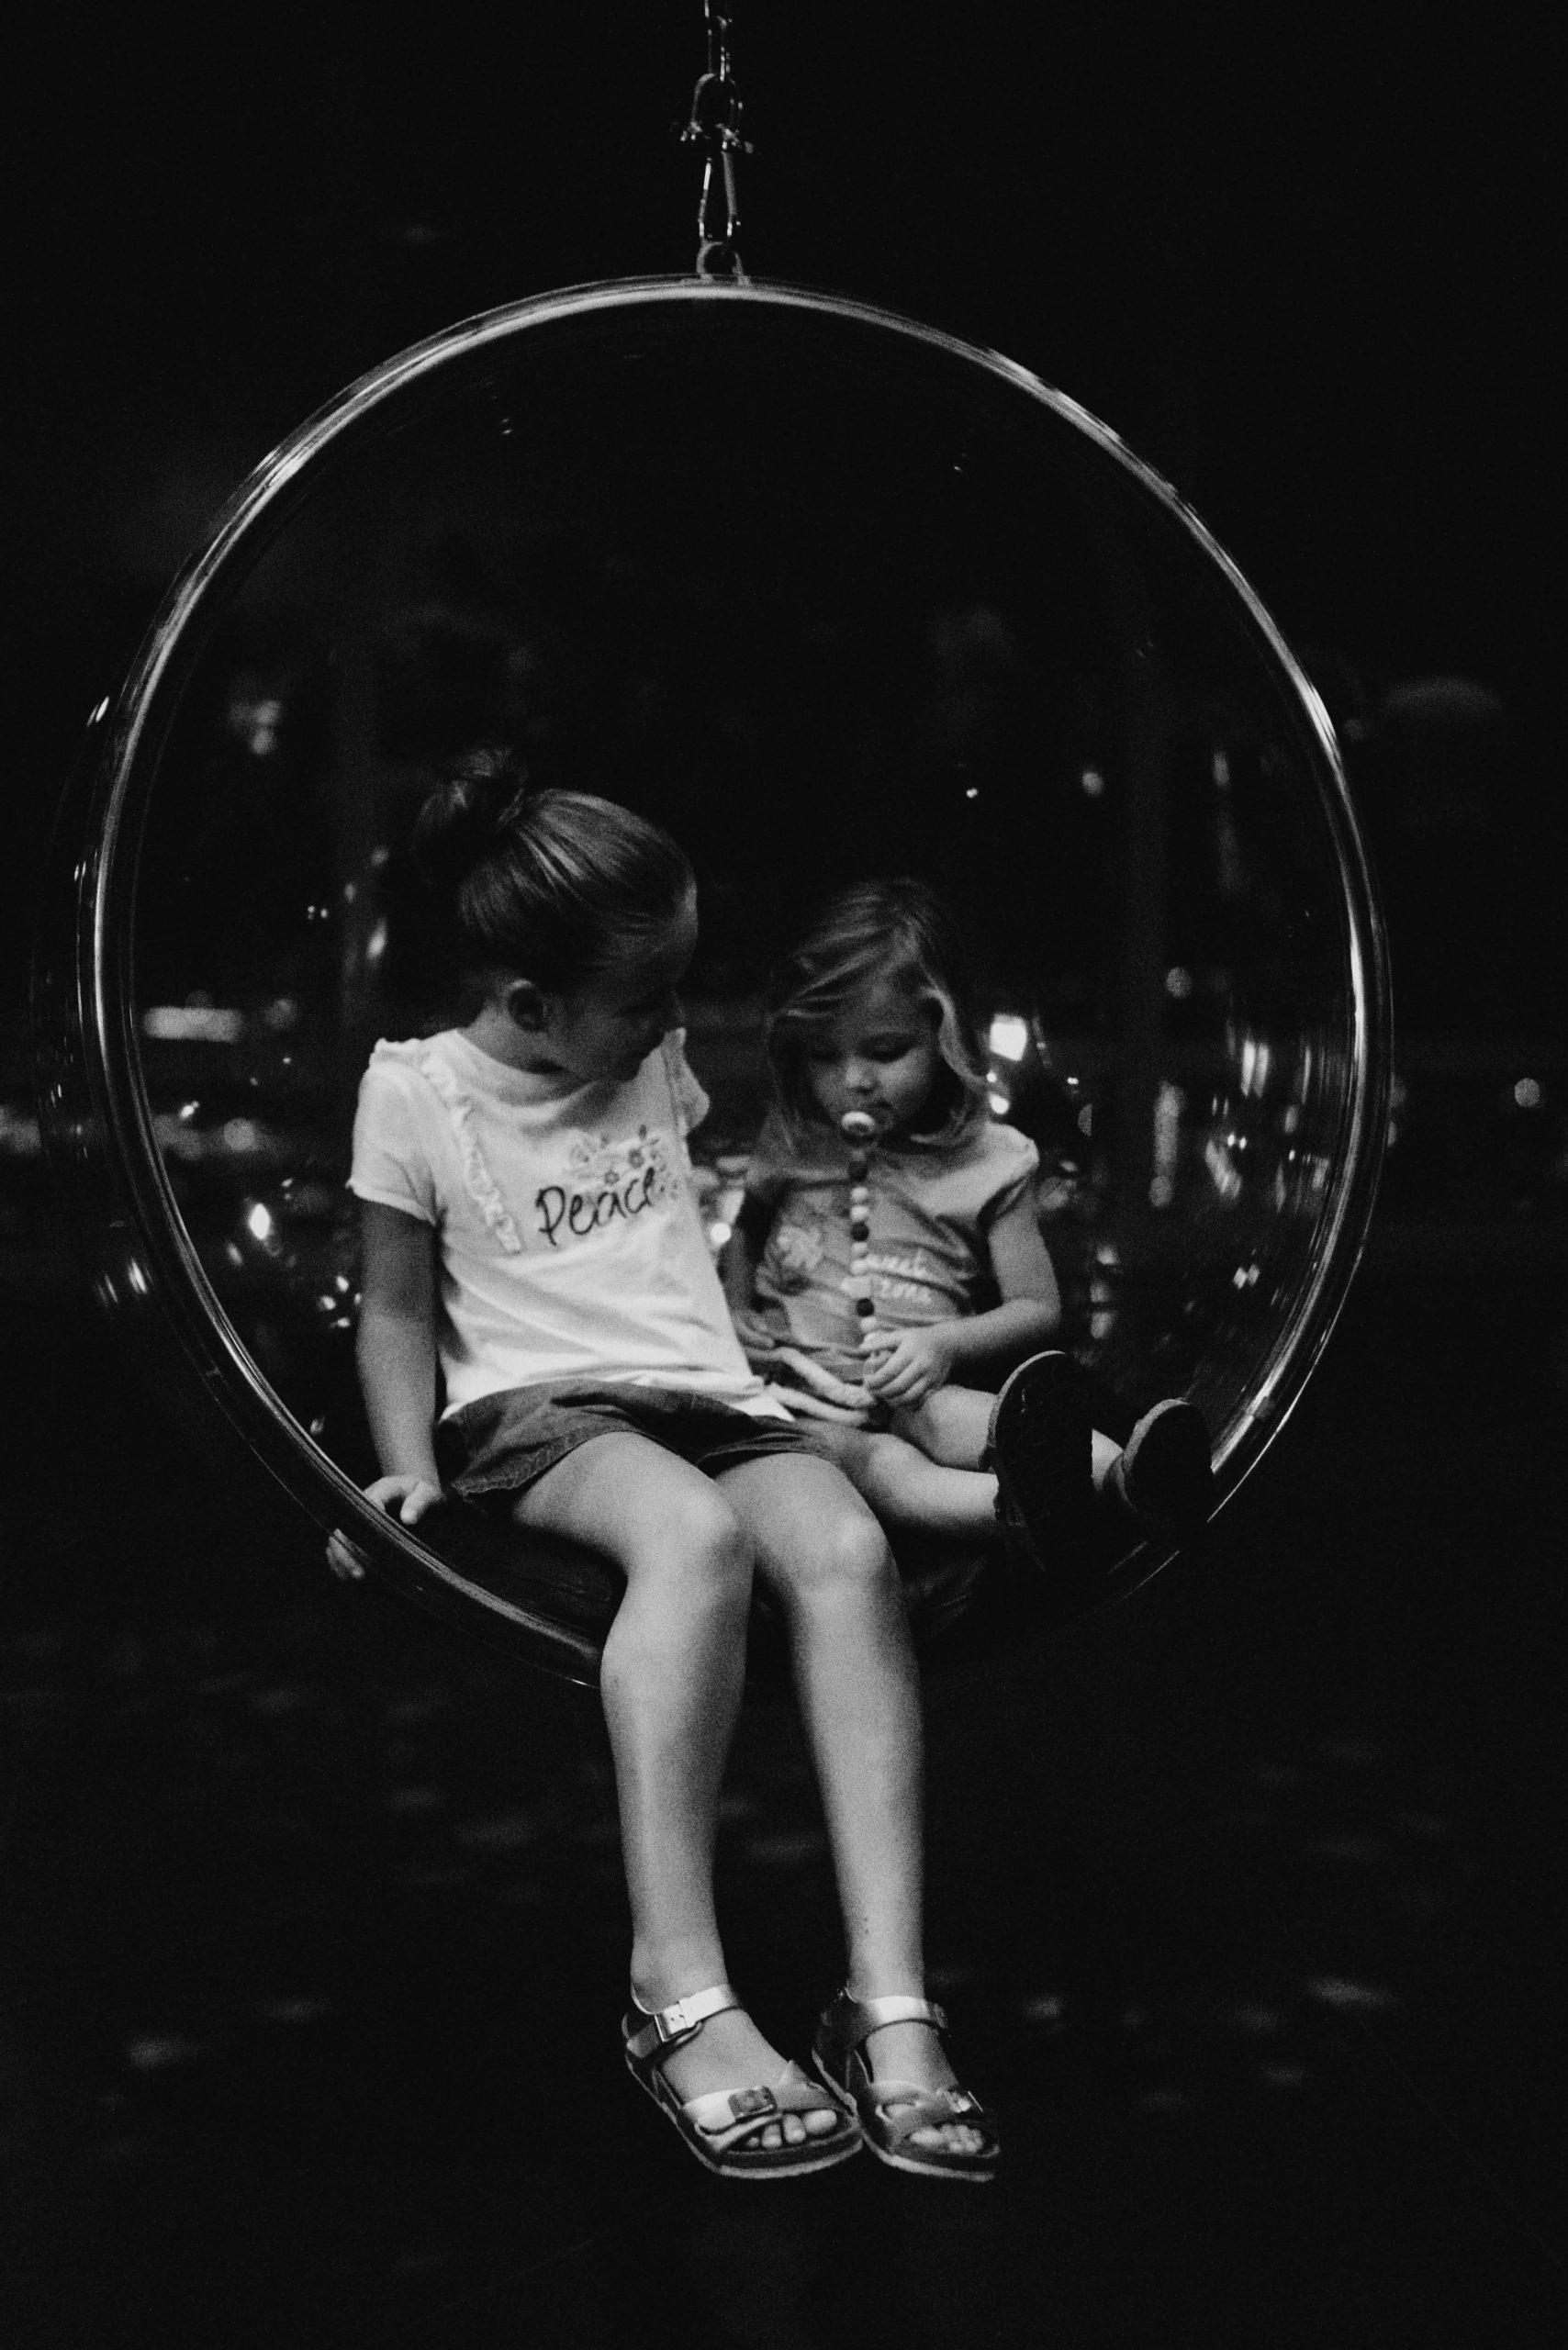 Deux petite fille dans un fauteuil rond suspendu